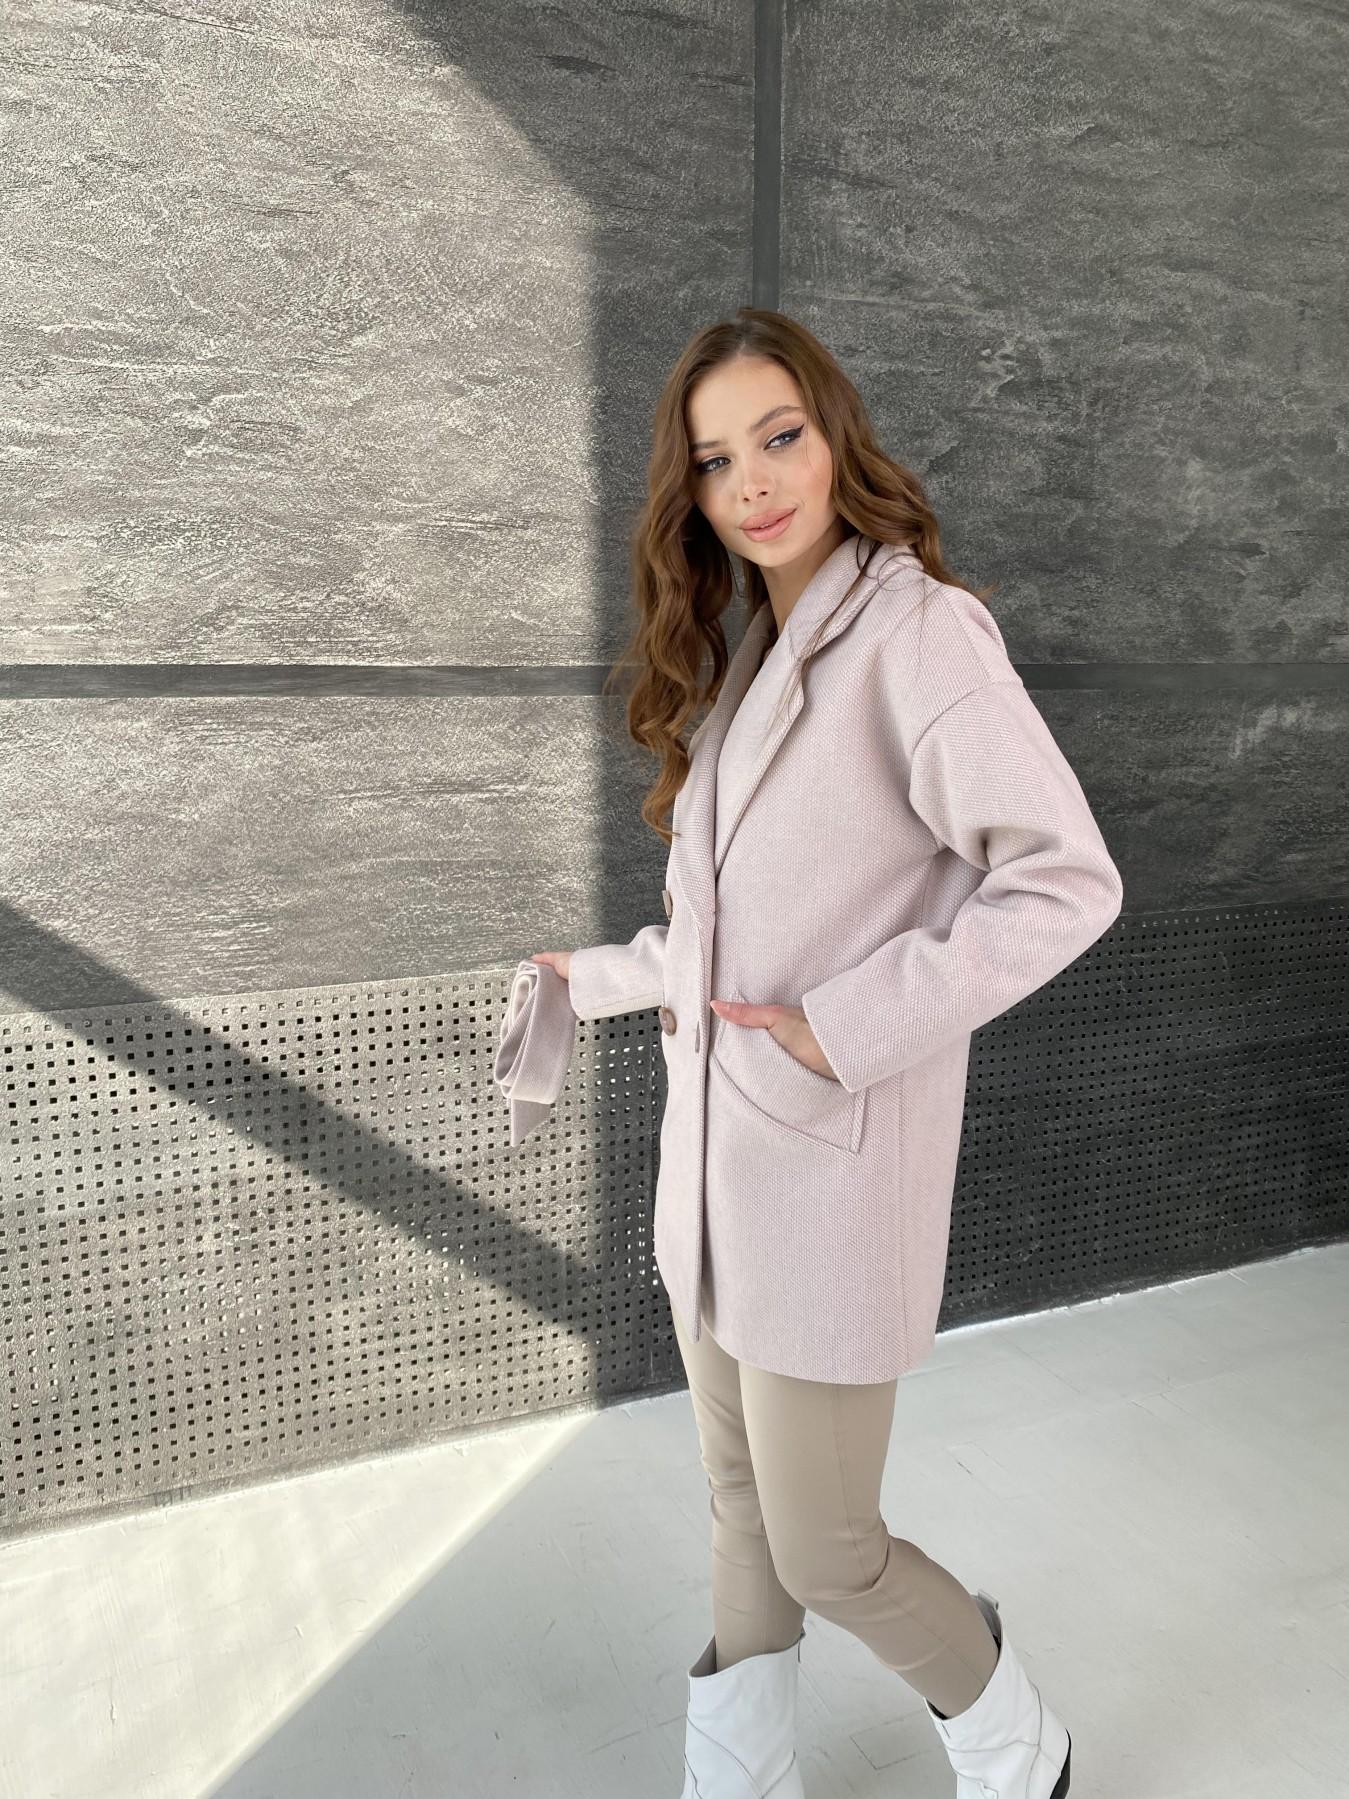 Бонд Флеш пальто из пальтовой ткани 10768 АРТ. 47195 Цвет: Пудра - фото 5, интернет магазин tm-modus.ru